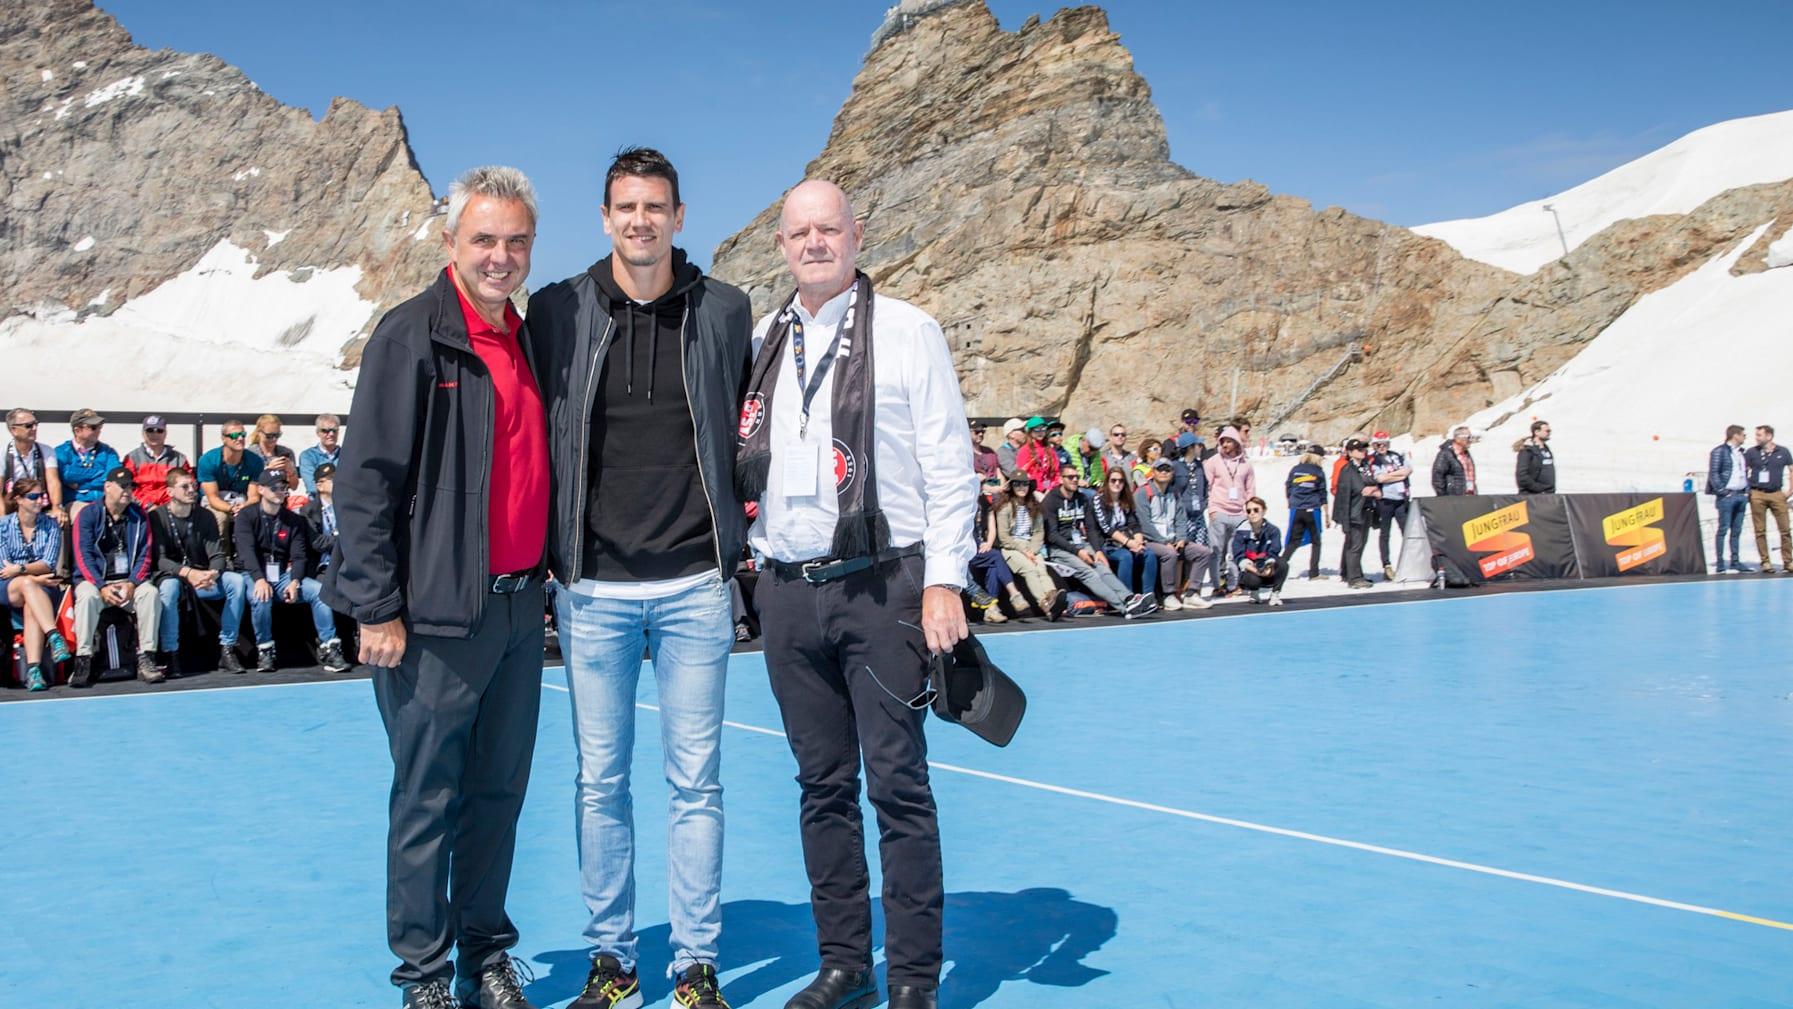 Handball 6 Urs Kessler CEO Jungfraubahnen Andy Schmid Peter Roethlisberger VRP BSV Bern v l n r